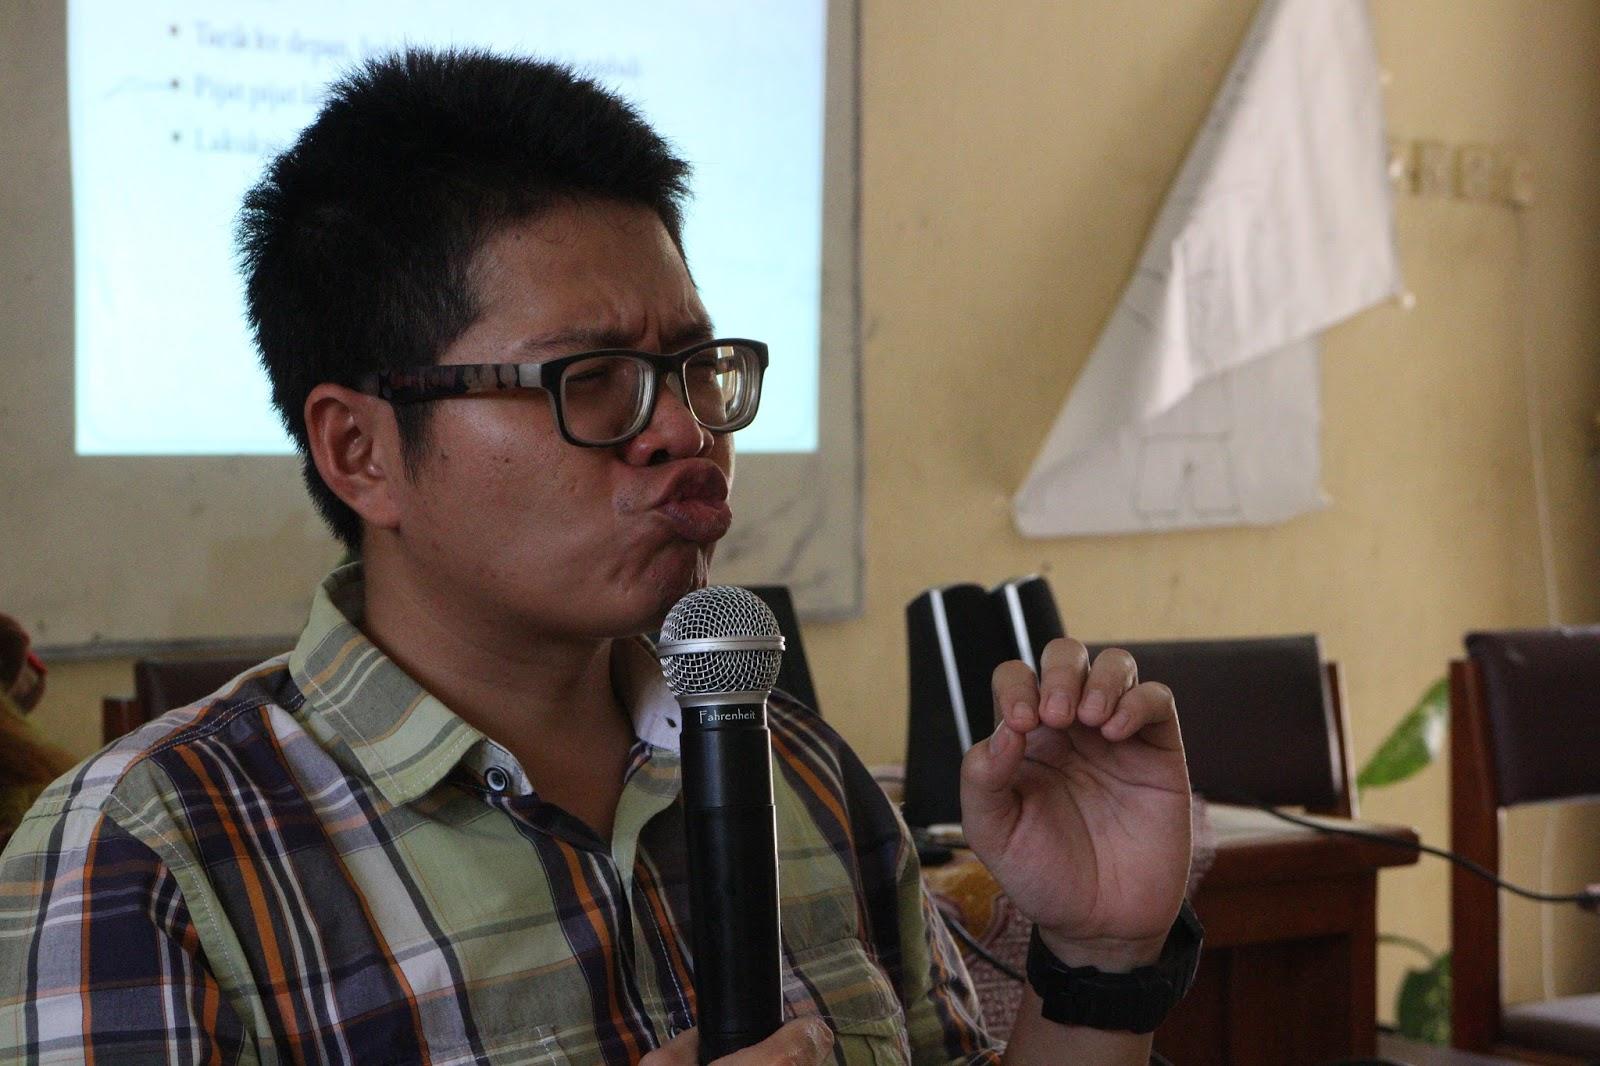 Kak Tony Sahabat Dongeng mempraktekan ekspresi wajah